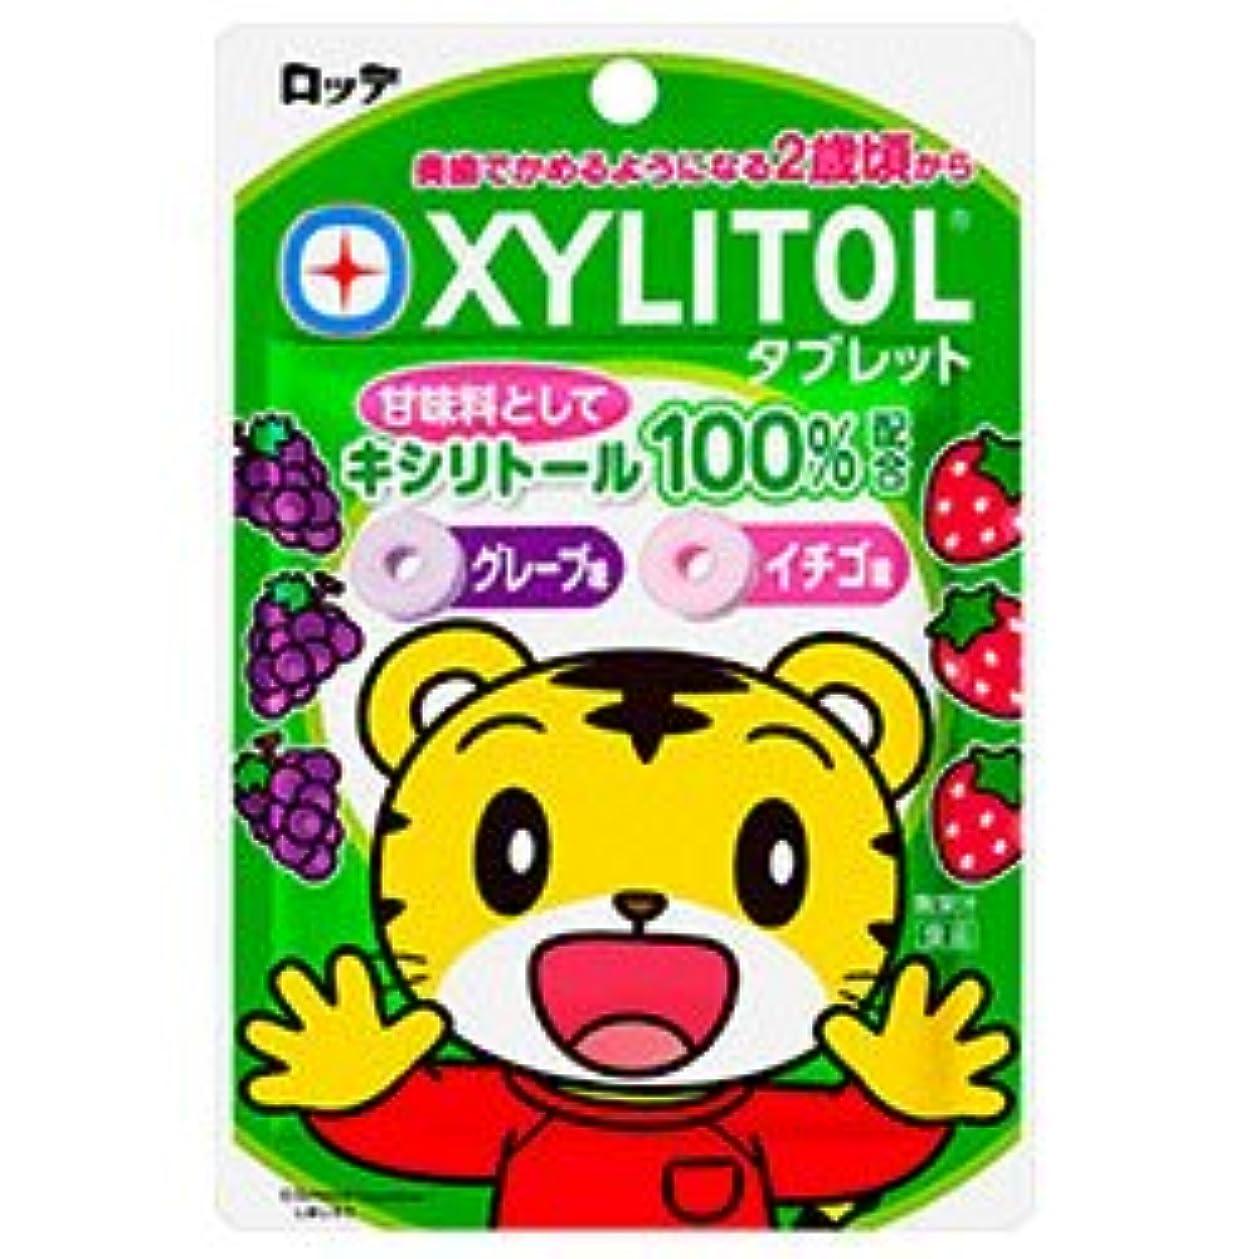 ボウリング面器具ロッテ キシリトールタブレット 30g×10袋入×(2ケース)